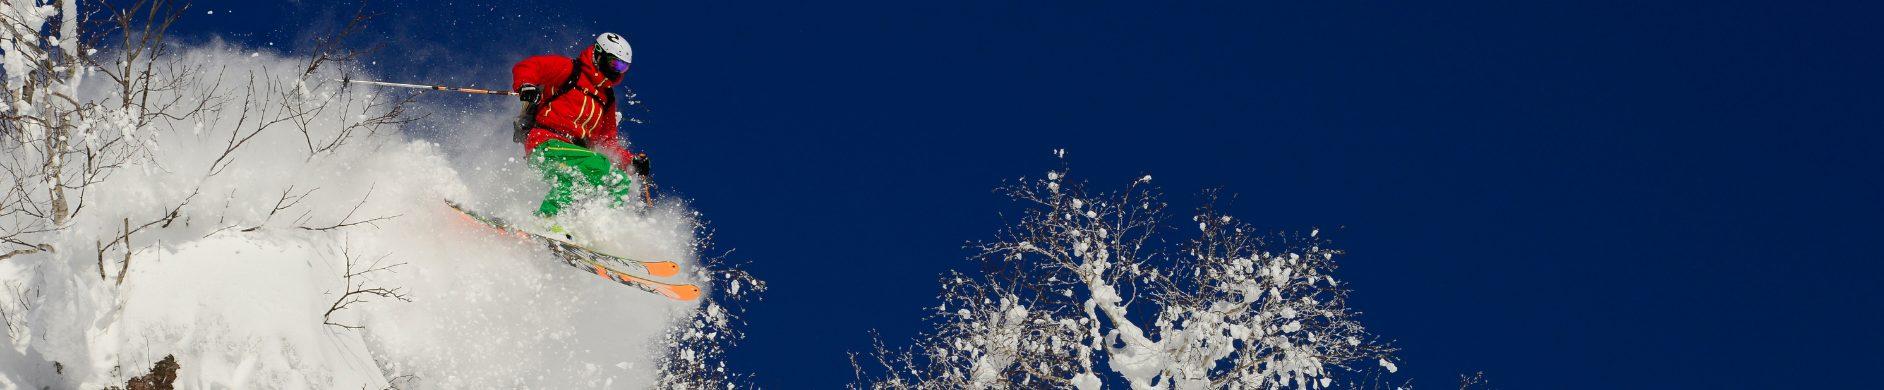 Japon+Ski+Randonnée+Guide+Haute+Montagne - Les matins du monde